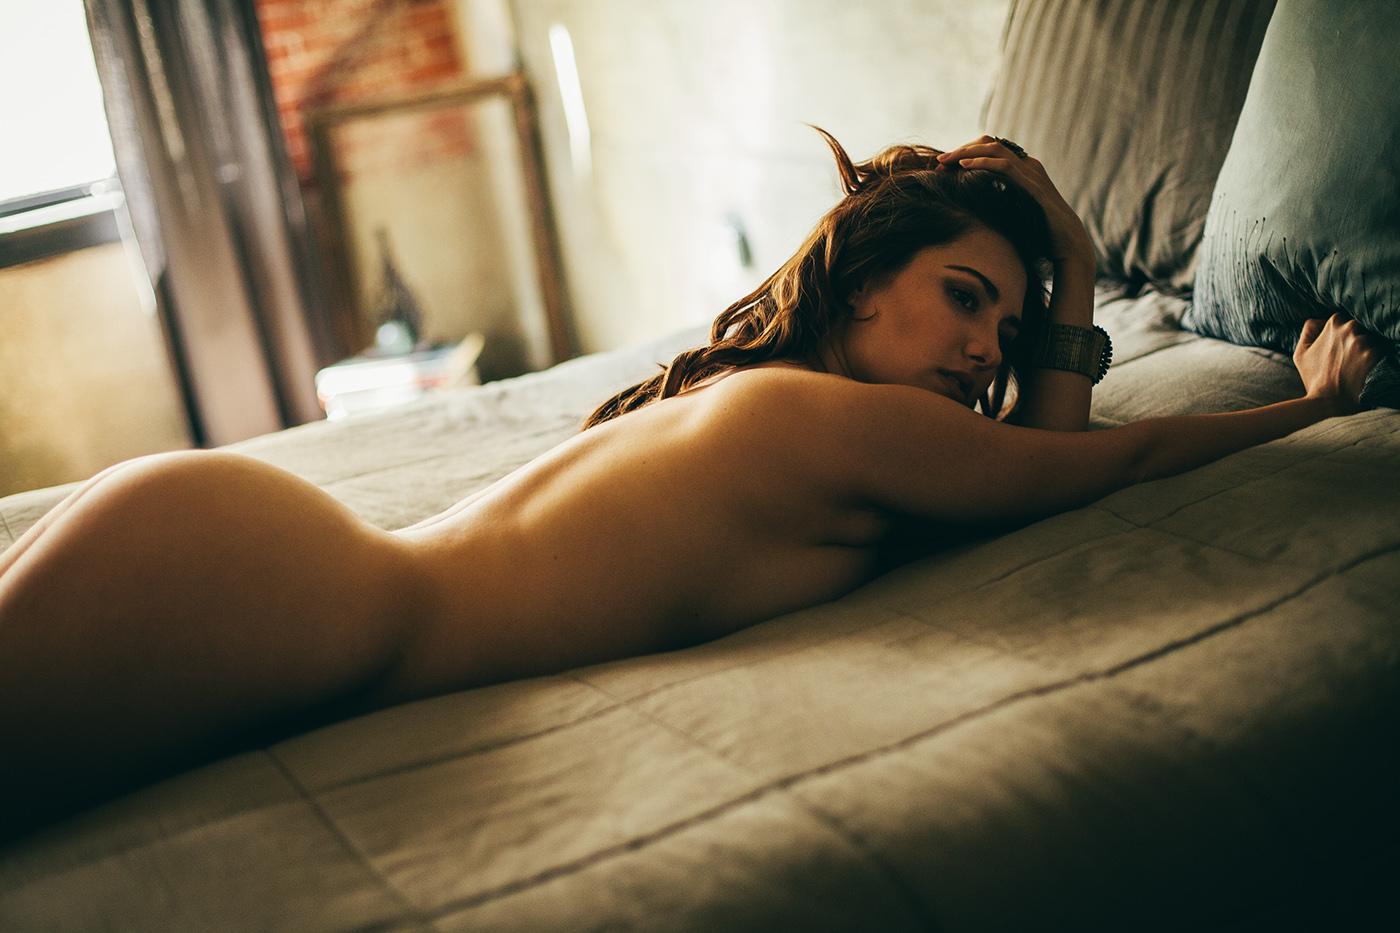 Tiffany / Gavin Jaymes